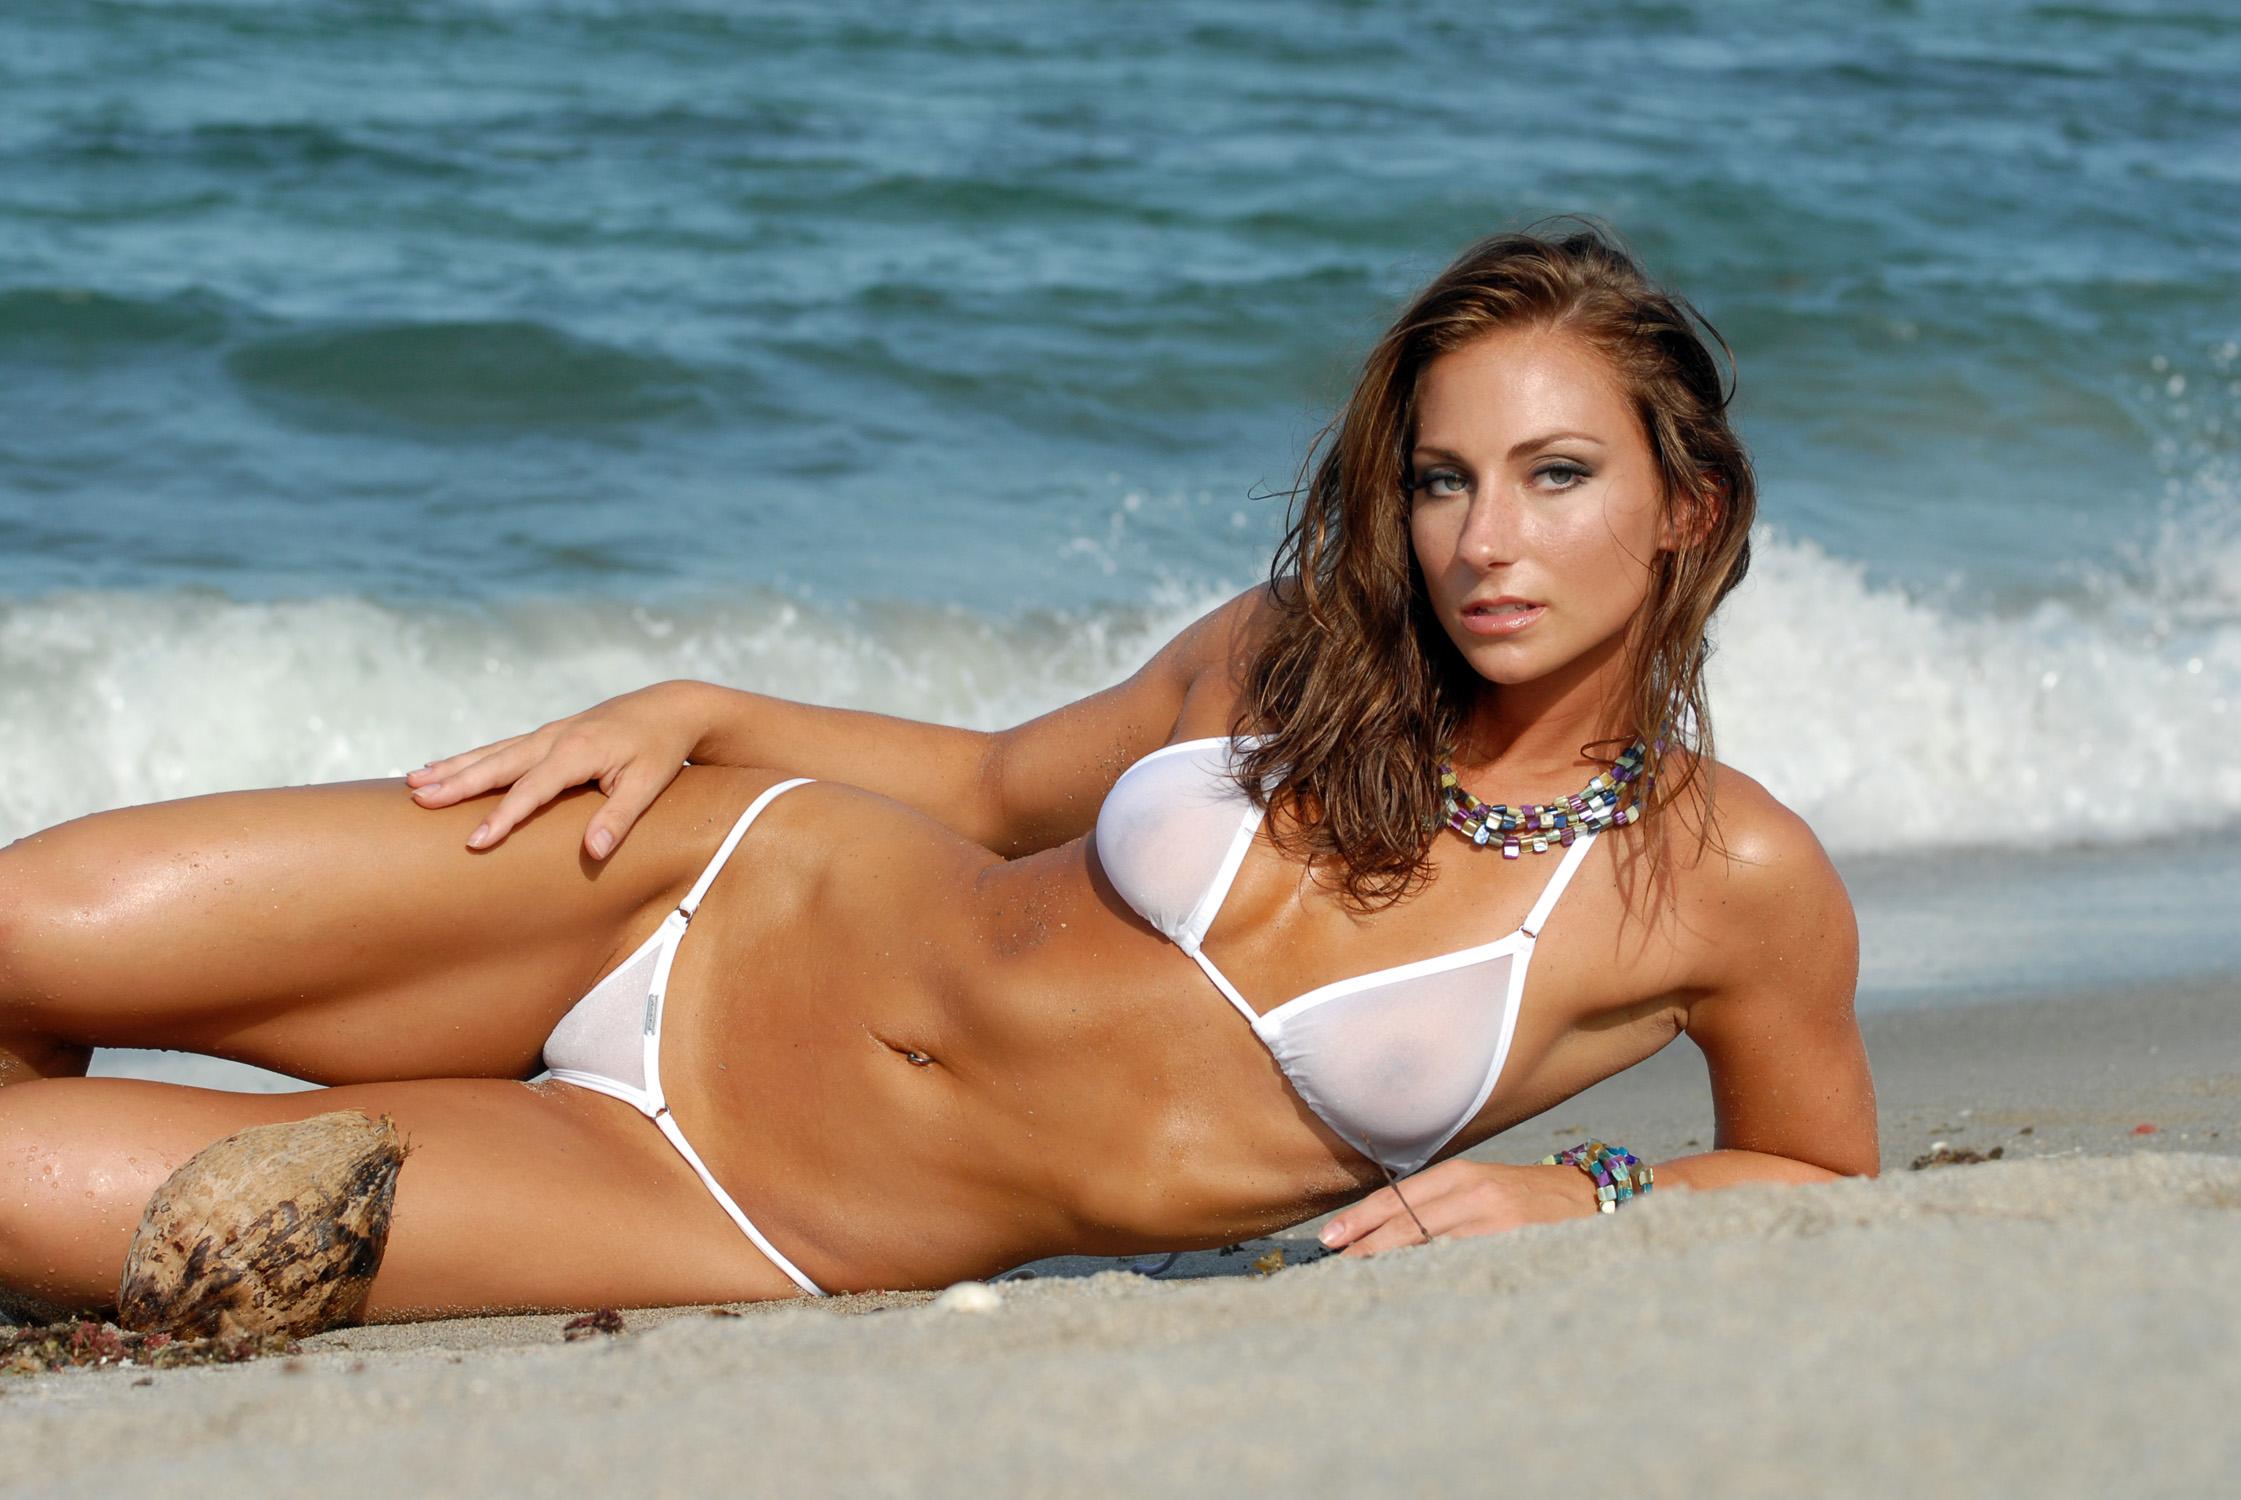 Фото девушки в мини стрингах на пляже, Симпатичные девушки в бикини отдыхают на пляже 27 фотография